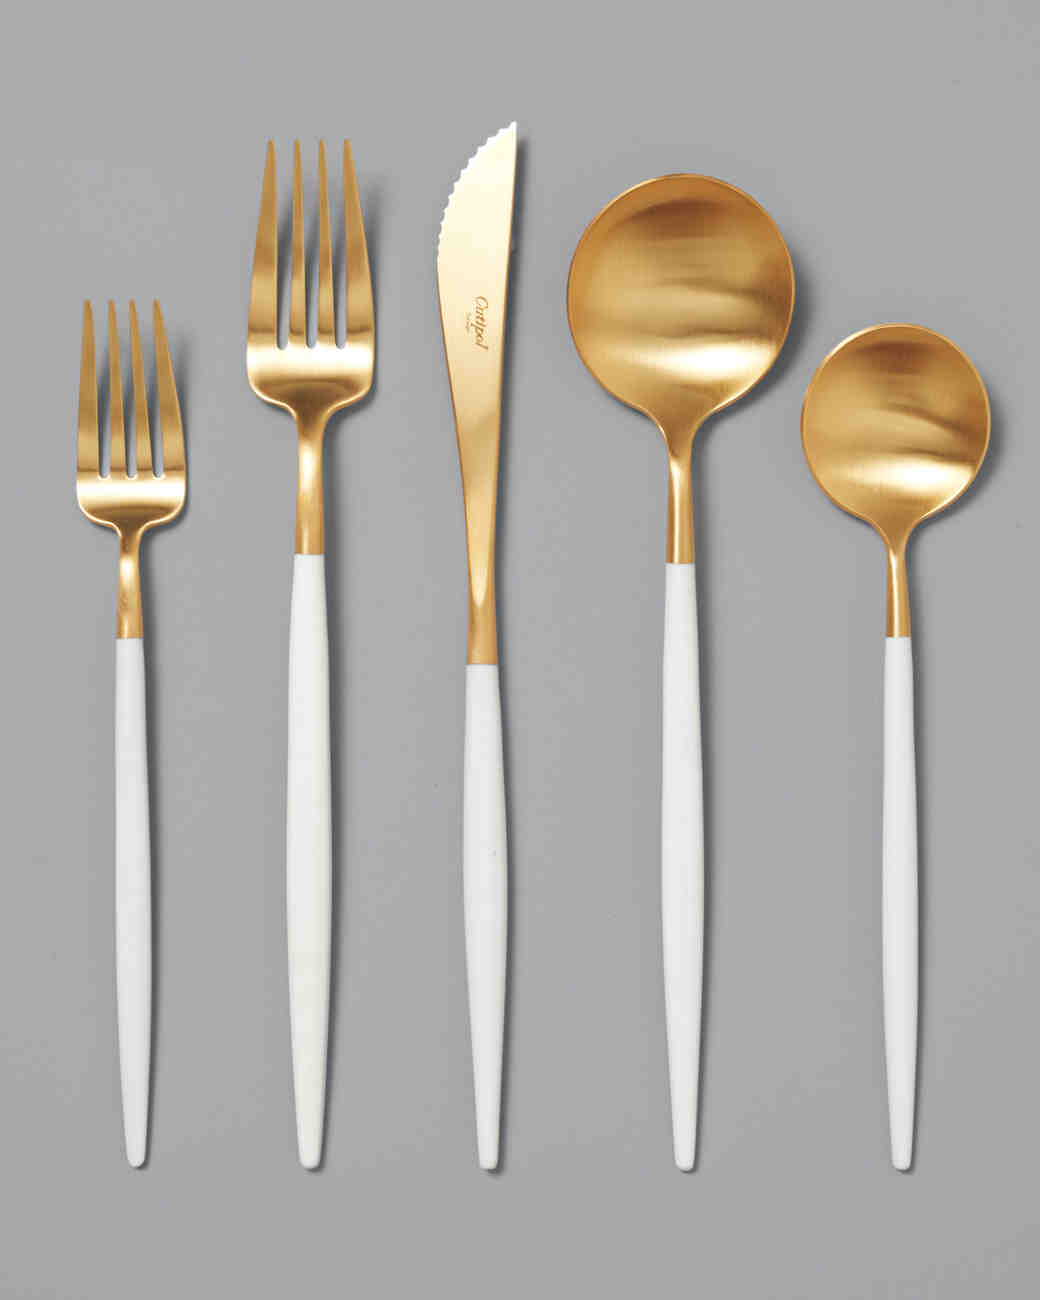 white-gold-flatware-019-d112473.jpg